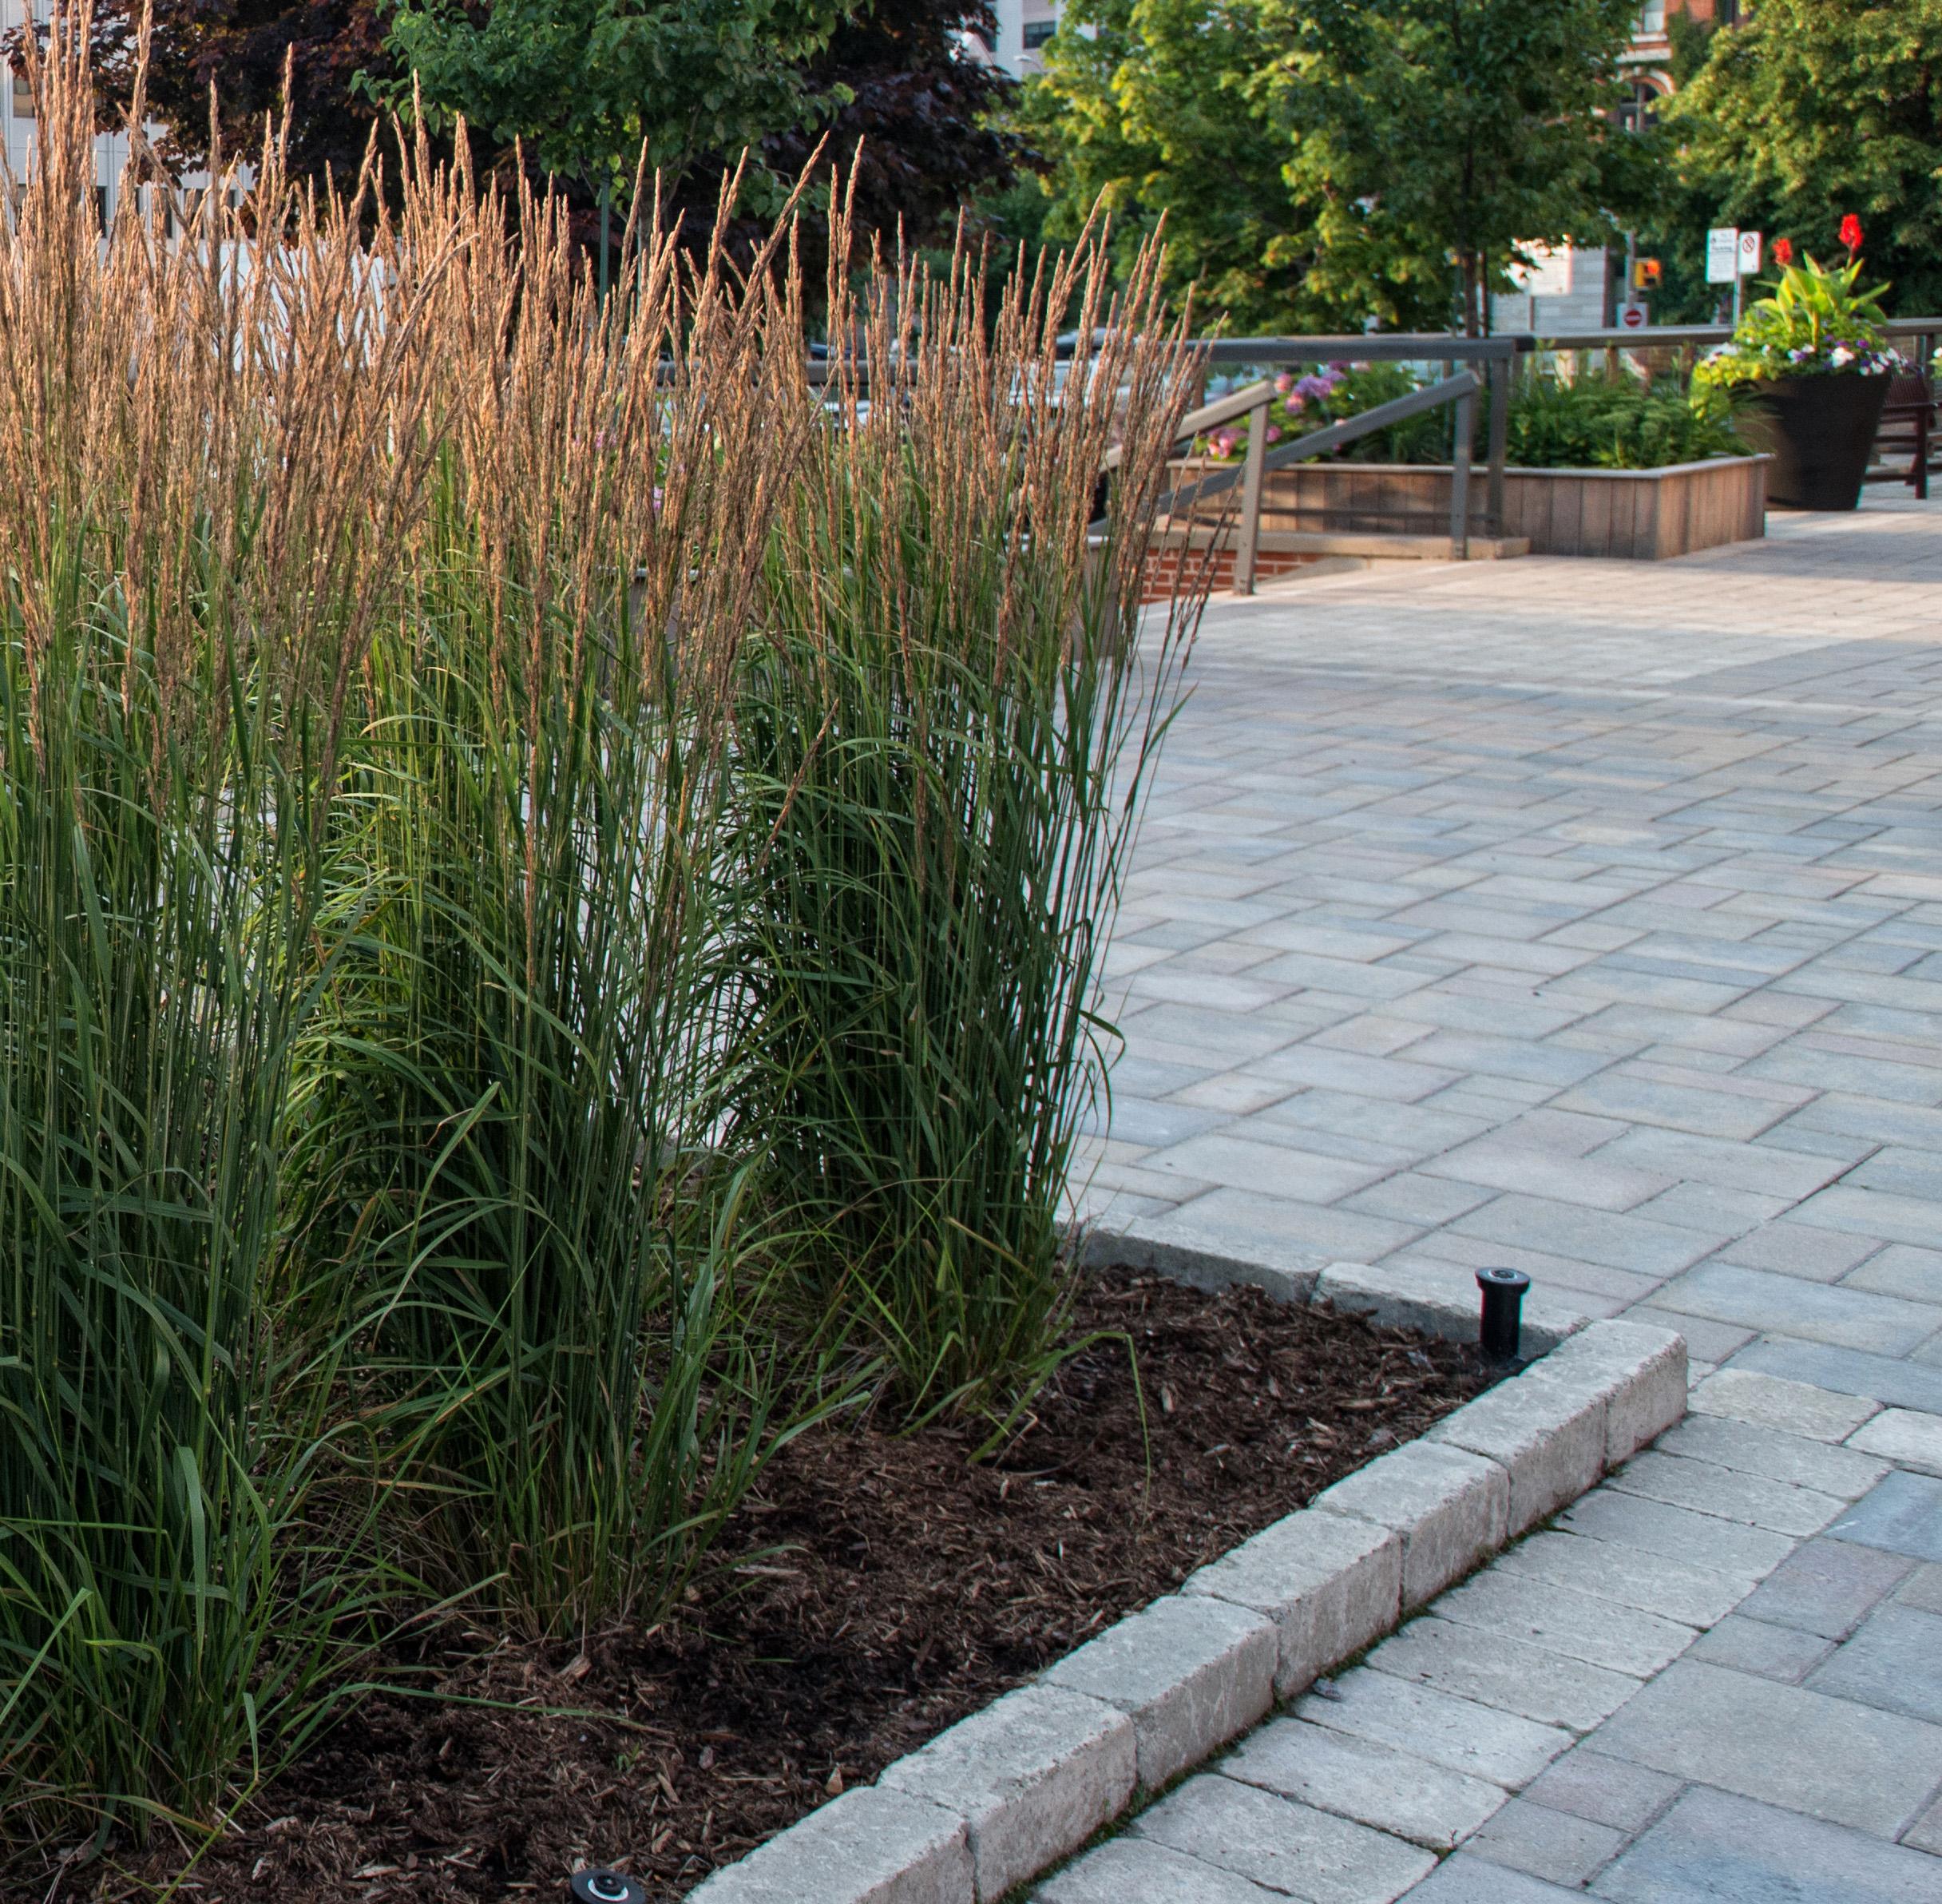 Grasses in planter